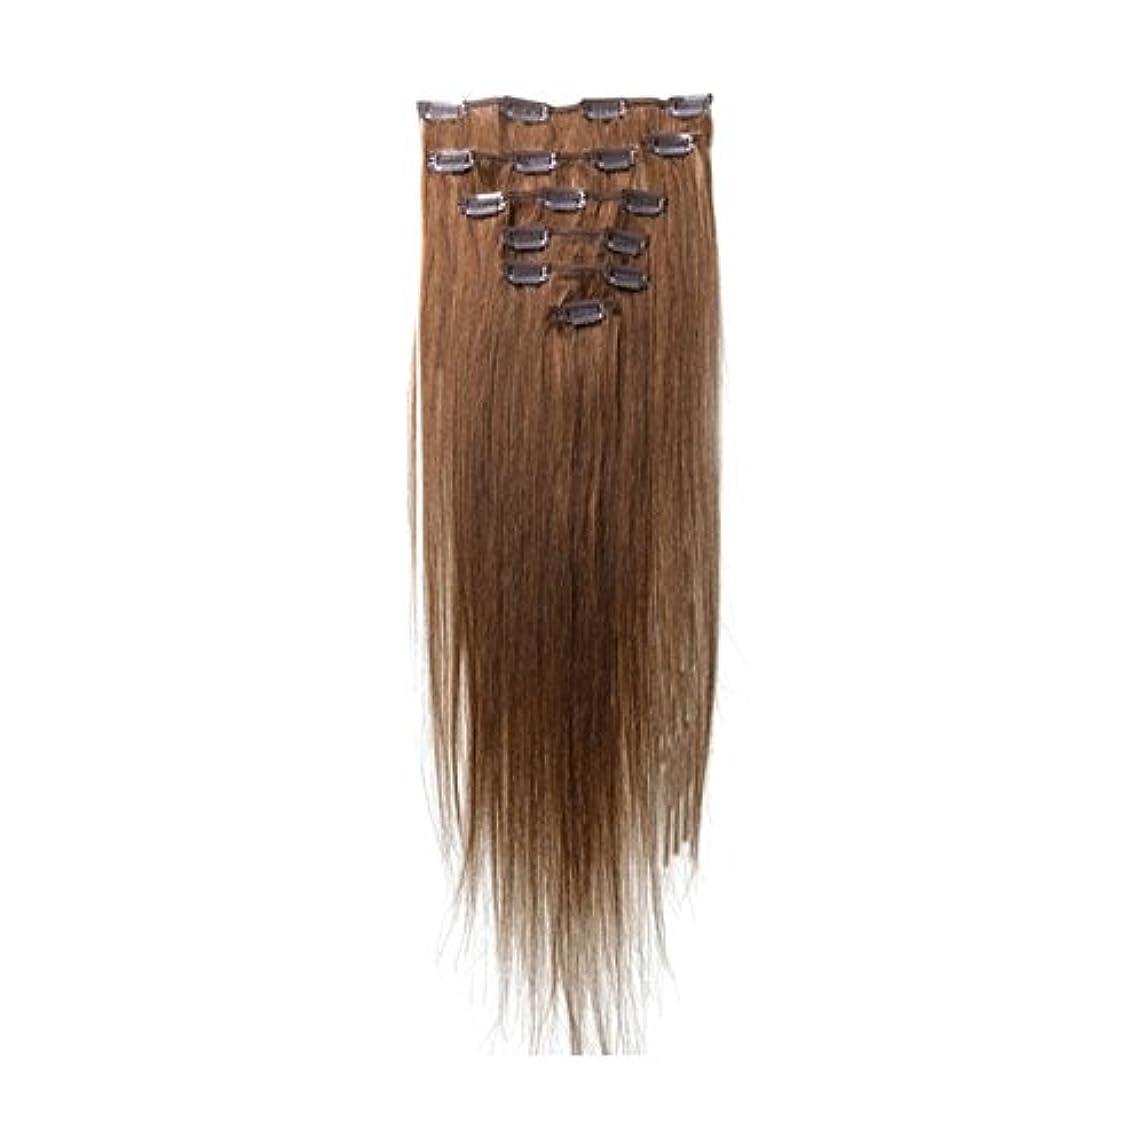 同等の土主張ヘアエクステンション,SODIAL(R) 女性の人間の髪 クリップインヘアエクステンション 7件 70g 15インチ ライトブラウン